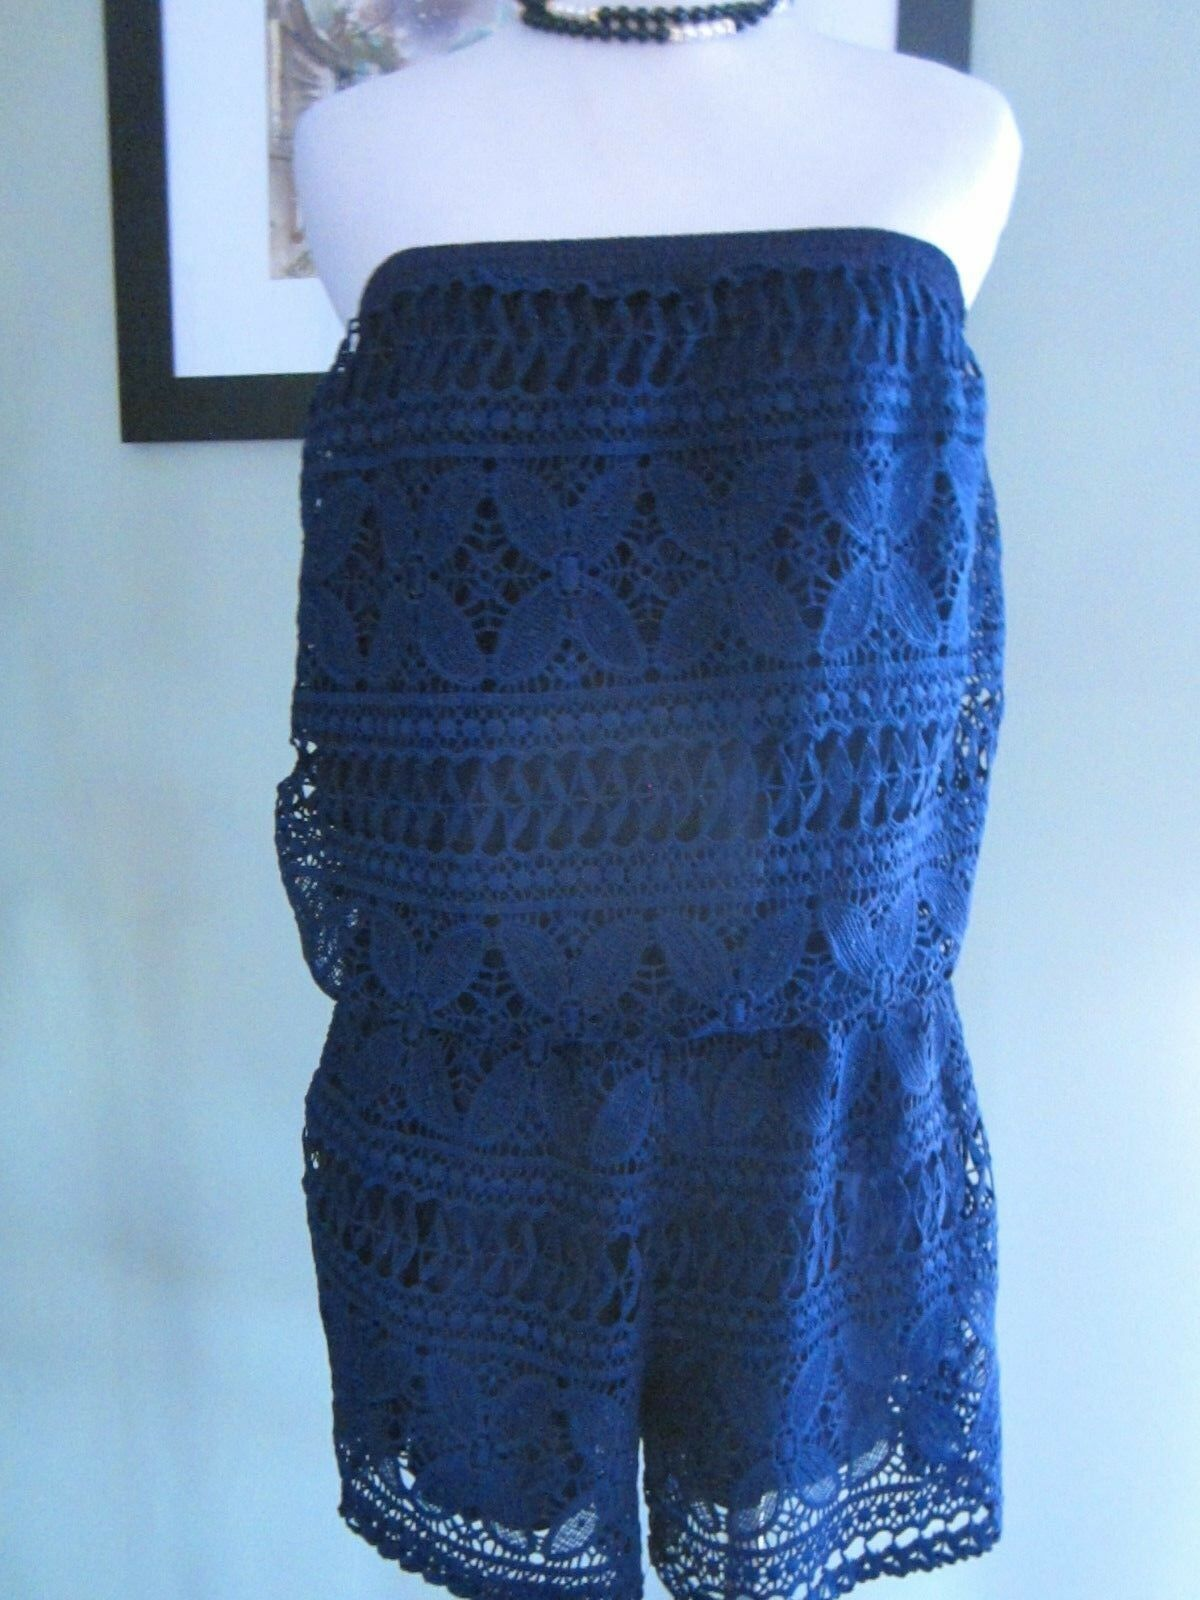 Laffaire Navy bluee Lace Shorts Romper Jumpsuit Size M